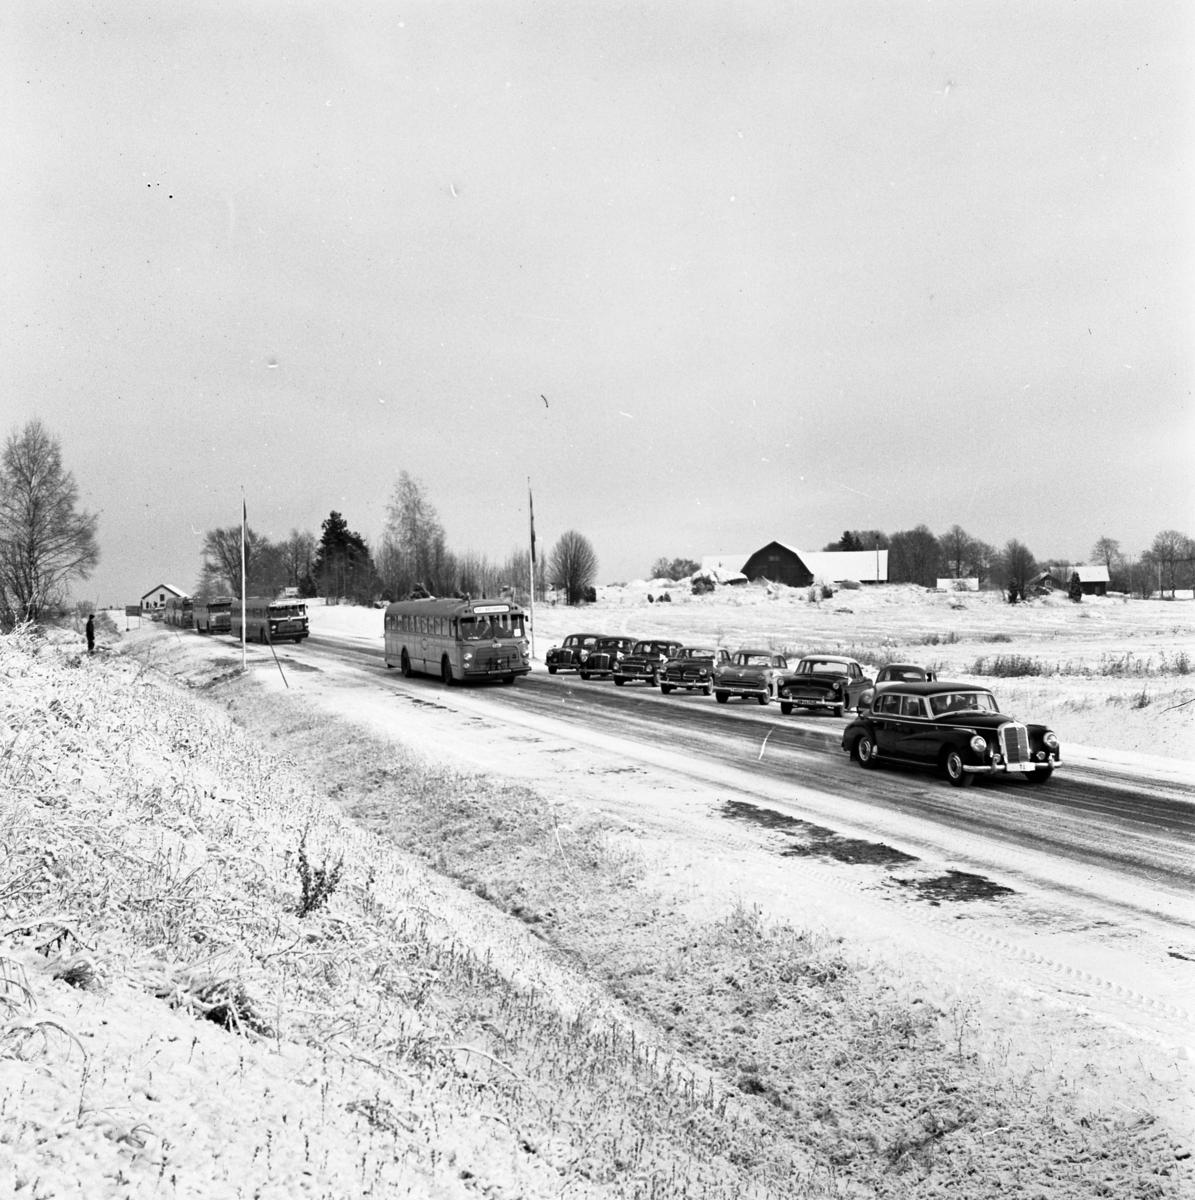 Örebrovägen öppnas efter ombyggnad En personbil och fyra bussar kör på vägen. Flera tomma bilar står parkerade vid sidan av. Det är vinter och snö.